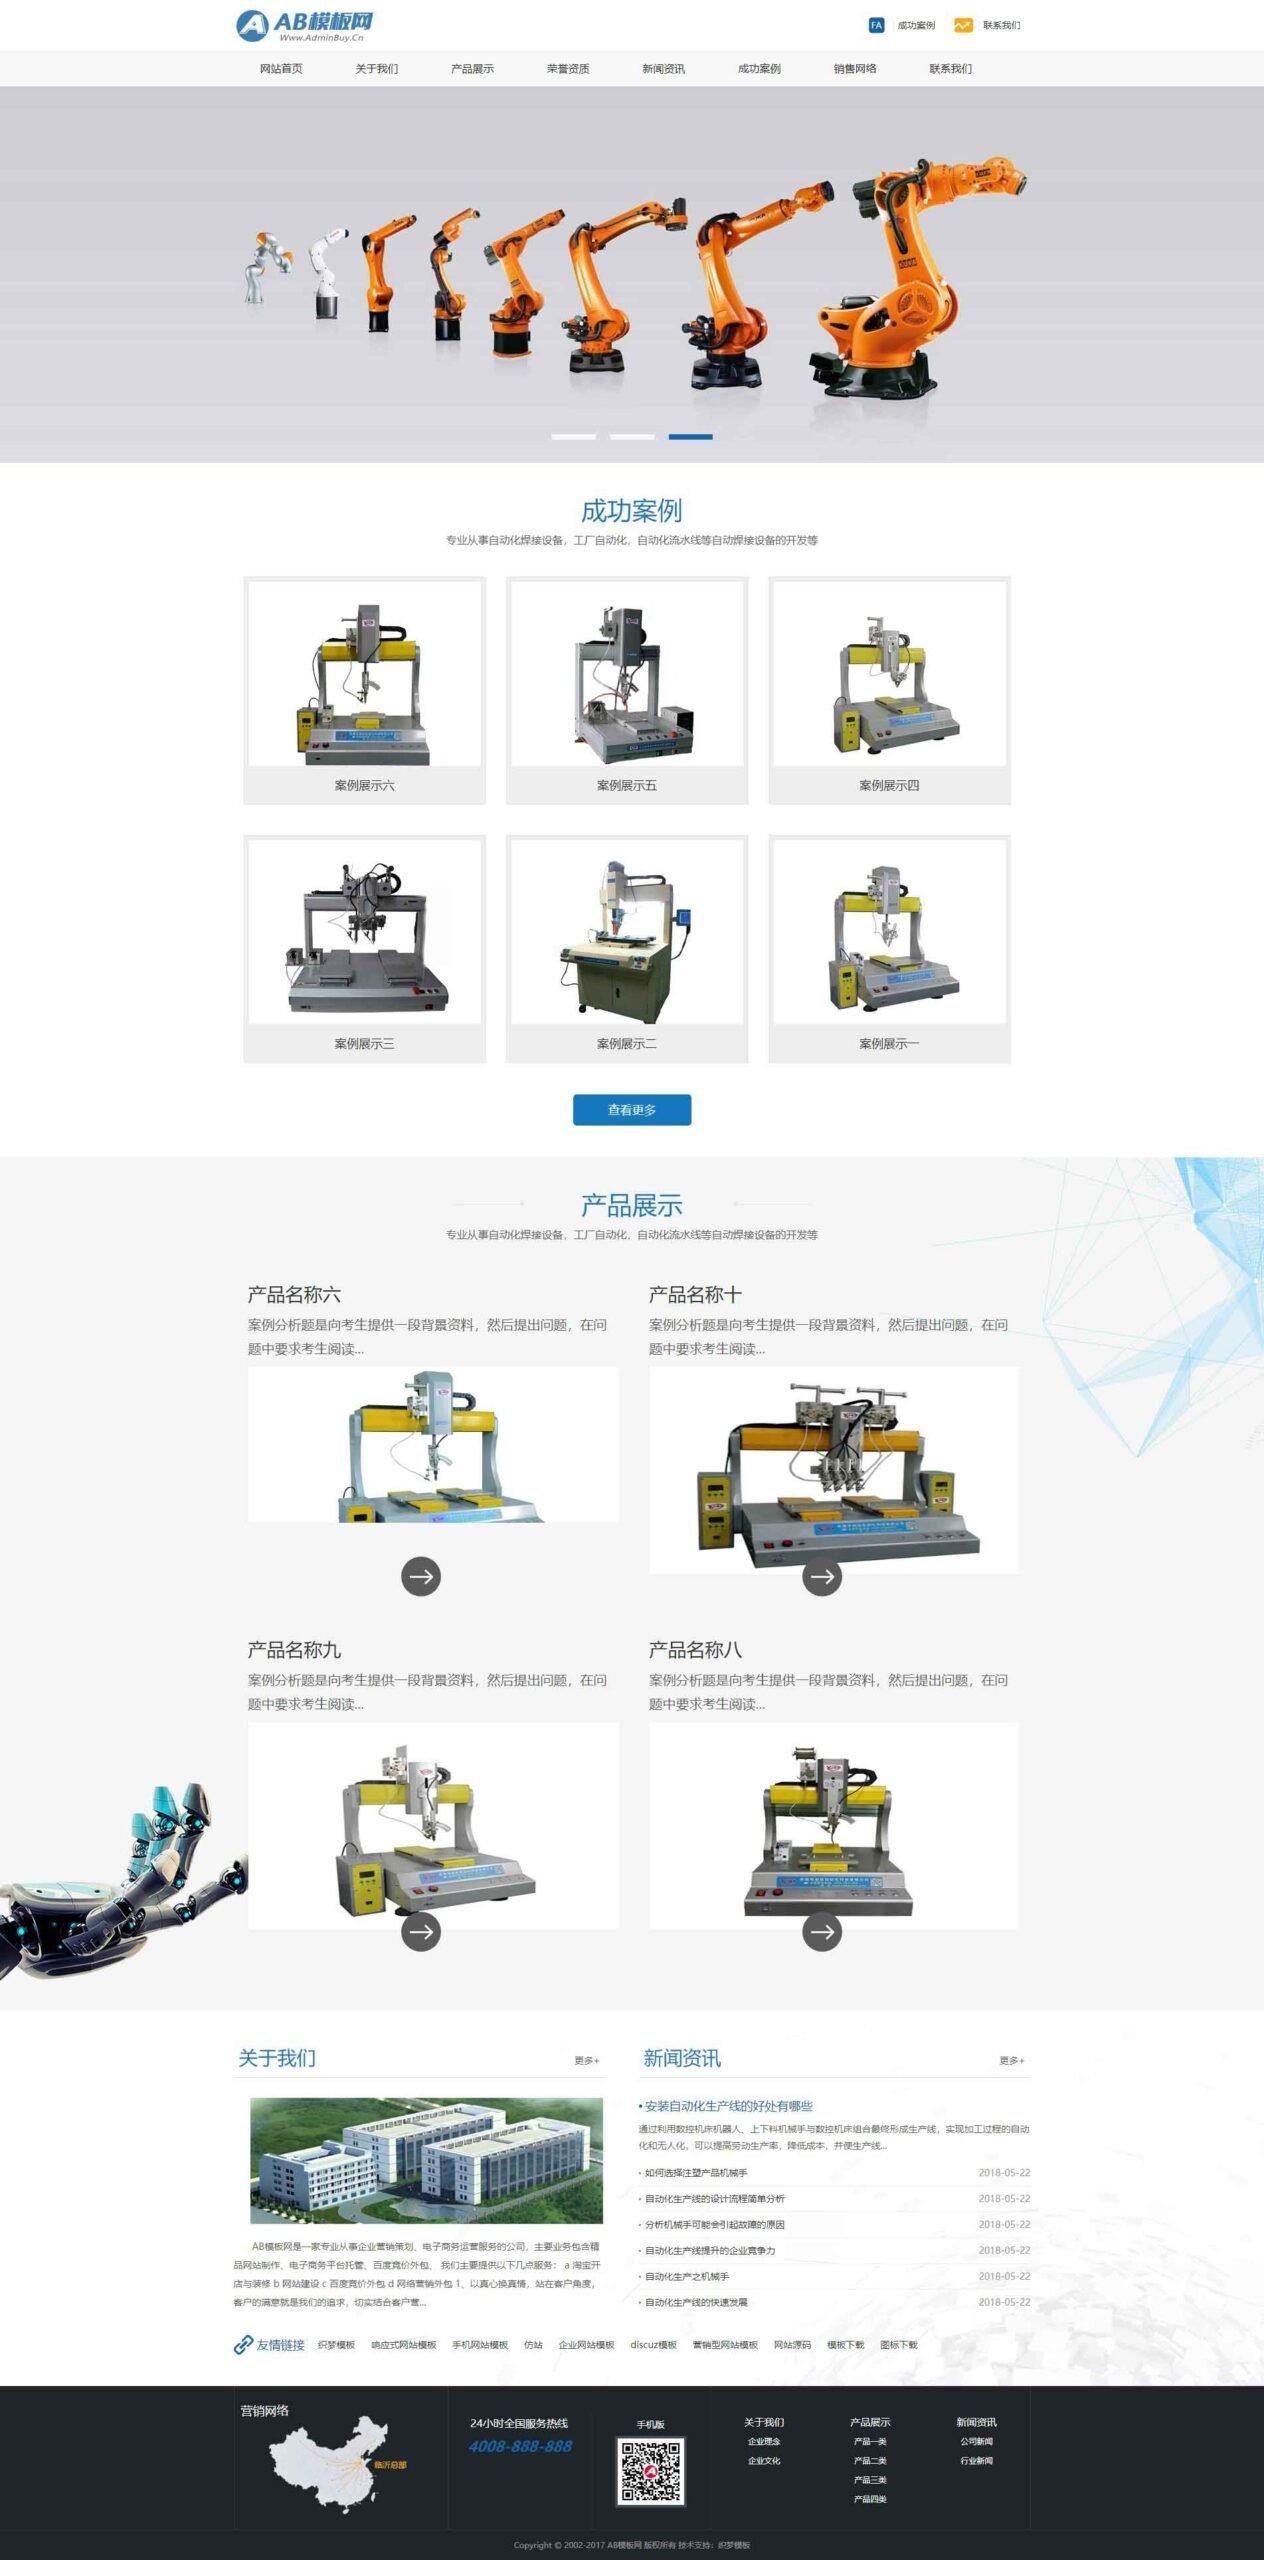 自动化机器人企业网站织梦dede模板源码[带手机版数据同步]插图